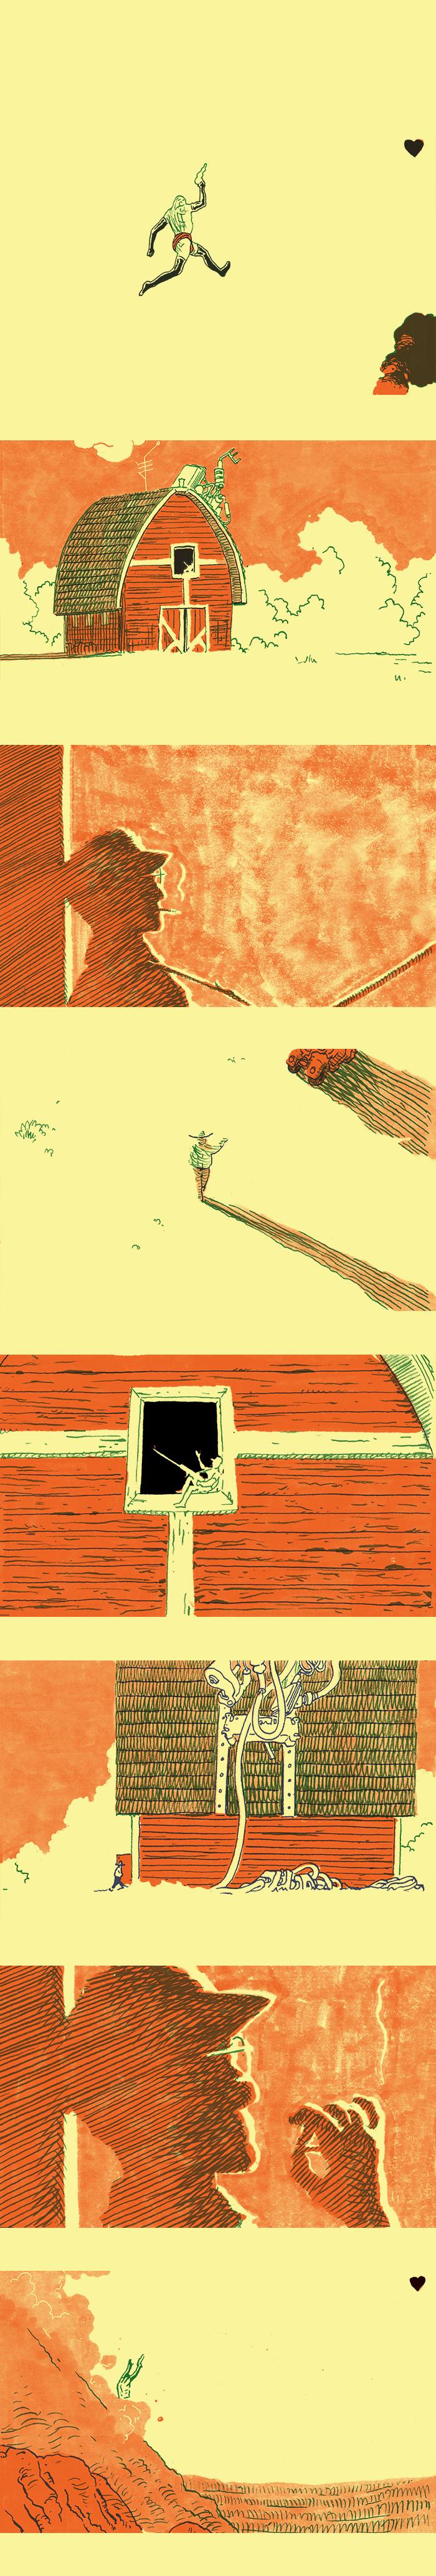 willumsen-ilustracion-oldskull-03